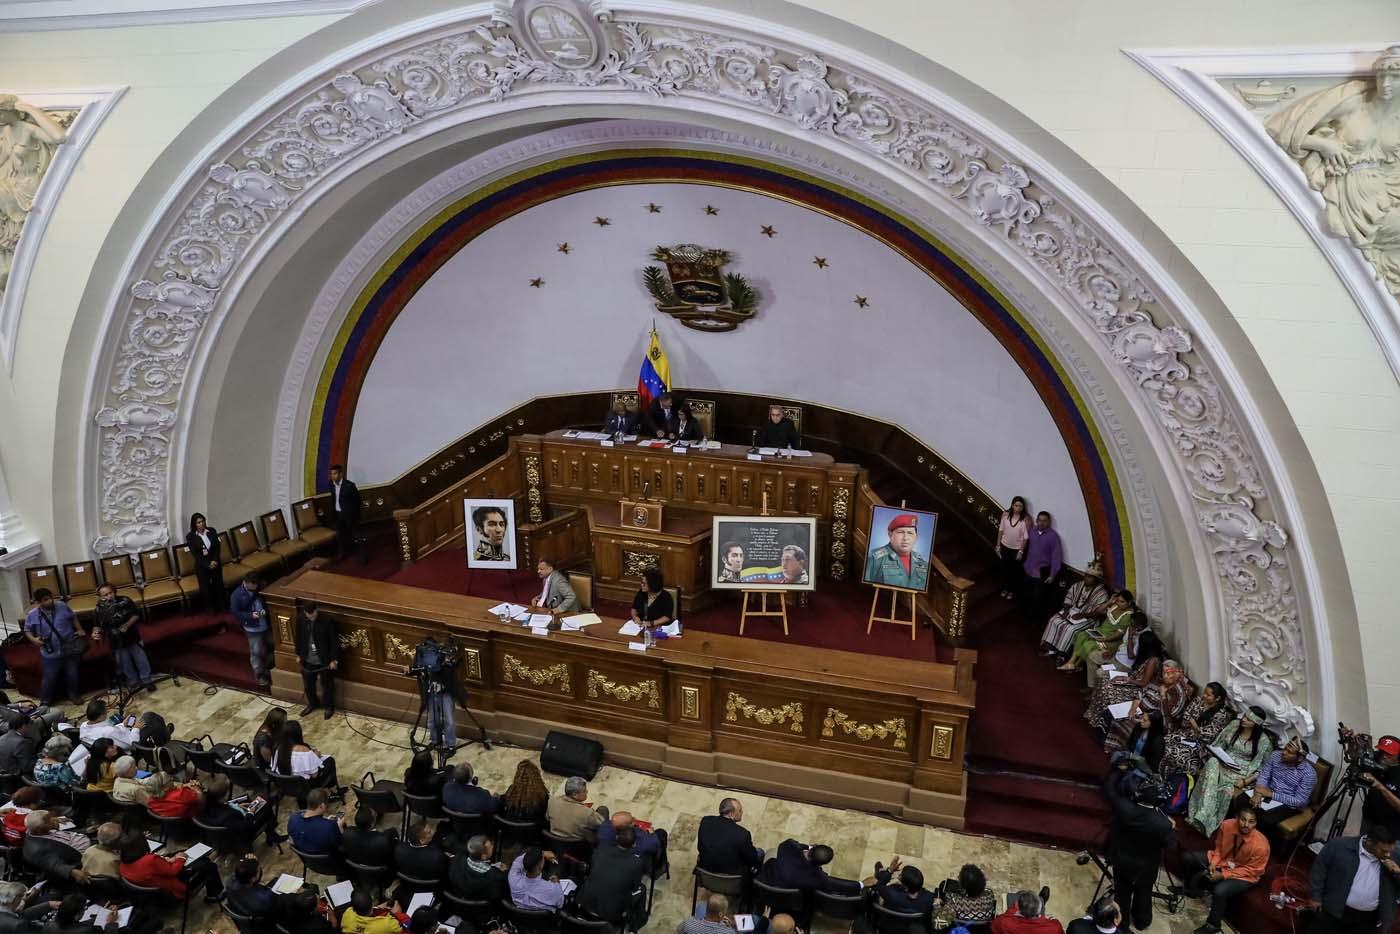 VZL02. CARACAS (VENEZUELA), 08/08/2017.- Vista general de la segunda sesión plenaria de la Asamblea Nacional Constituyente hoy, martes 8 de agosto de 2017, en Caracas (Venezuela). La Asamblea Nacional Constituyente de Venezuela, electa hace poco más de una semana y de composición oficialista, inició hoy una sesión para definir su funcionamiento como poder plenipotenciario, luego de haber tomado los espacios del Parlamento hasta ahora controlado por la oposición. En esta, su segunda plenaria desde que fue instalada, los constituyentes debatirán las normas de funcionamiento del cuerpo integrado por más de 500 asambleístas, y con poderes suficientes para refundar el Estado, redactar una nueva Constitución, sin que ningún otro poder público pueda oponerse.EFE/Miguel Gutiérrez